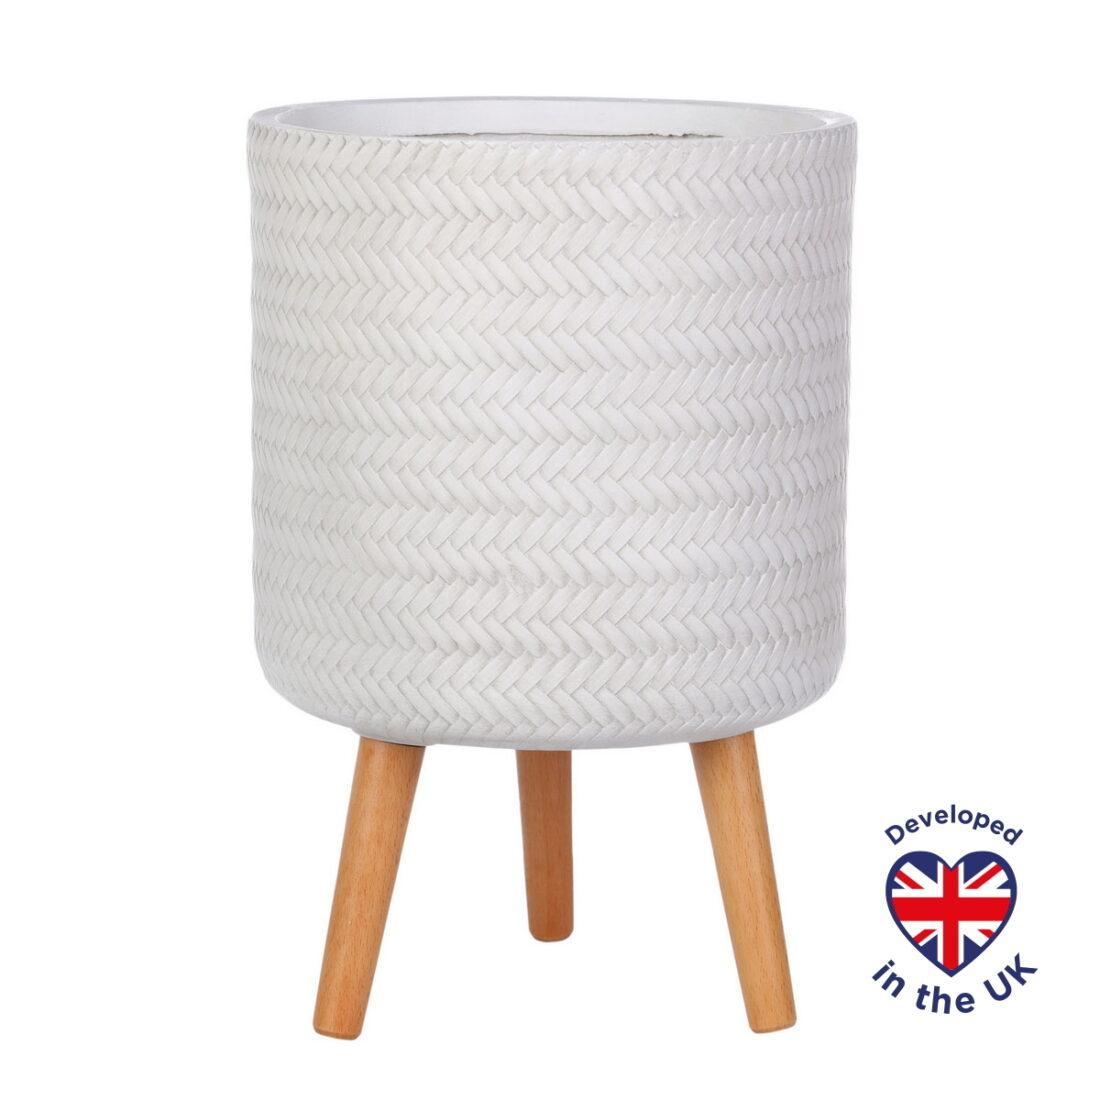 Напольное кашпо для цветов Idealist Lite Плейт, круглое, белое, Д30 В46 см, 17.9 л